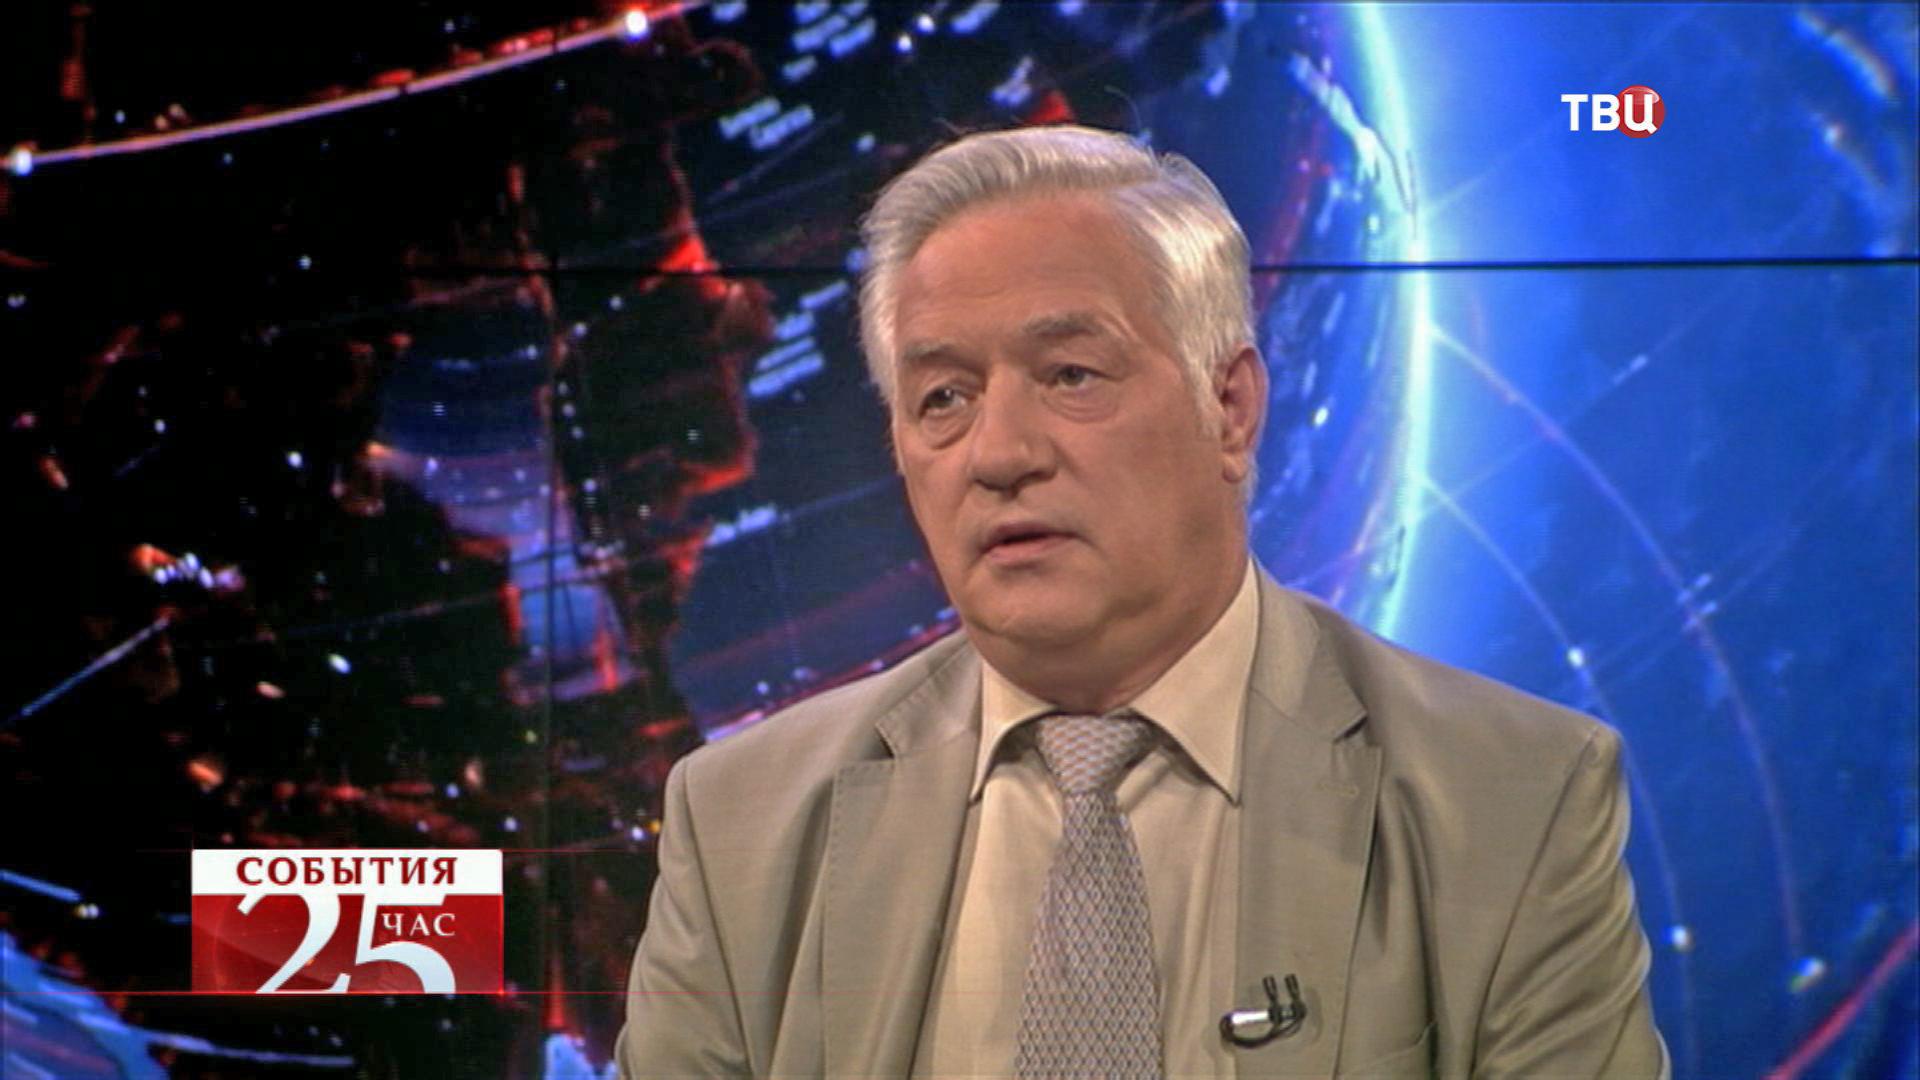 Валентин Горбунов. Председатель Московской городской избирательной комиссии